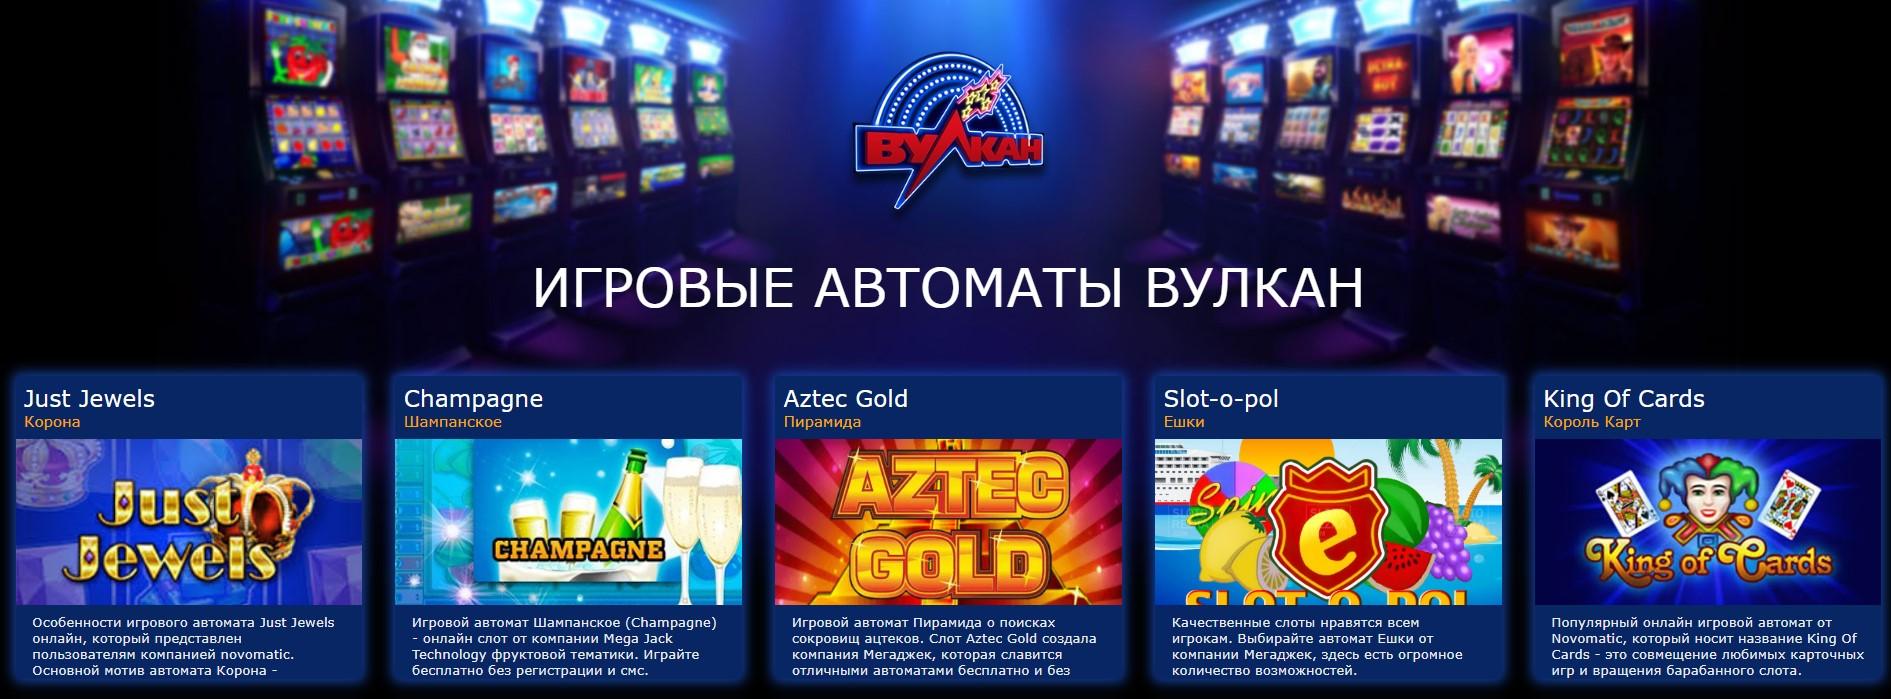 Играть бесплатно самые лучшие игровые автоматы играть пьяница игровые автоматы